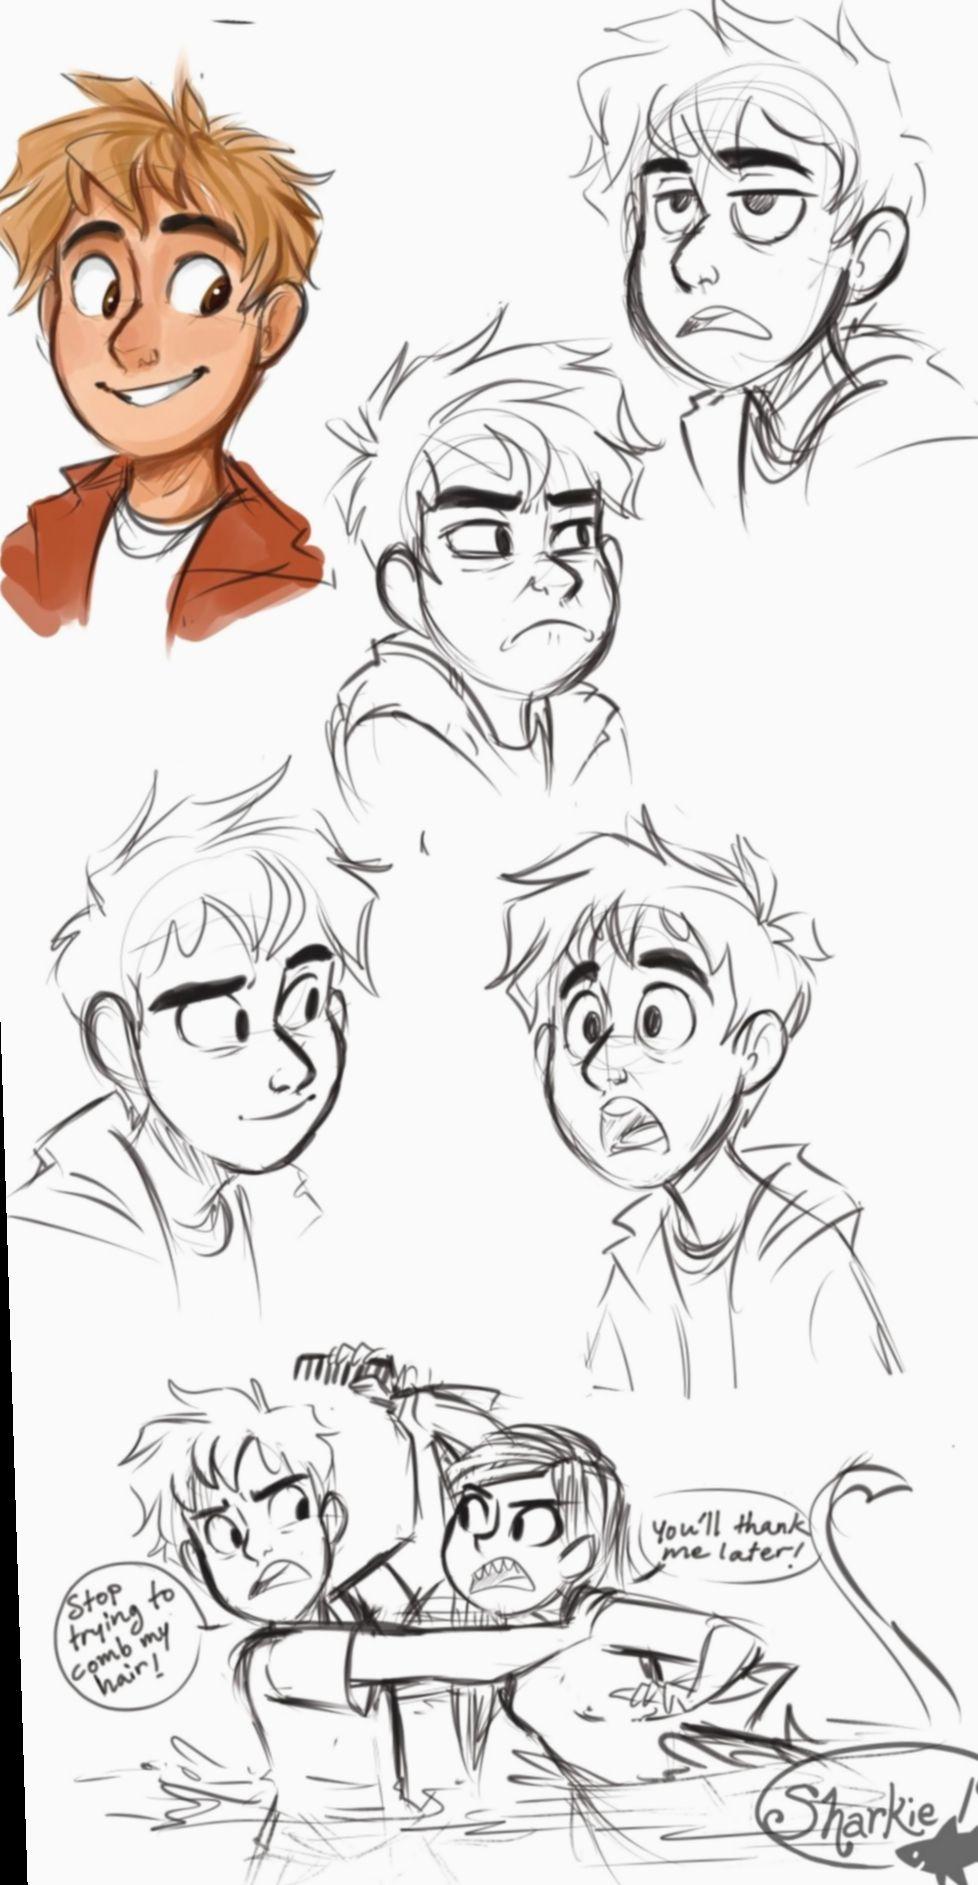 Drawing Disney Cartoon Character Design Drawinganatomyandart Drawingpractice Art Sketsa Menggambar Orang Referensi Desain Karakter